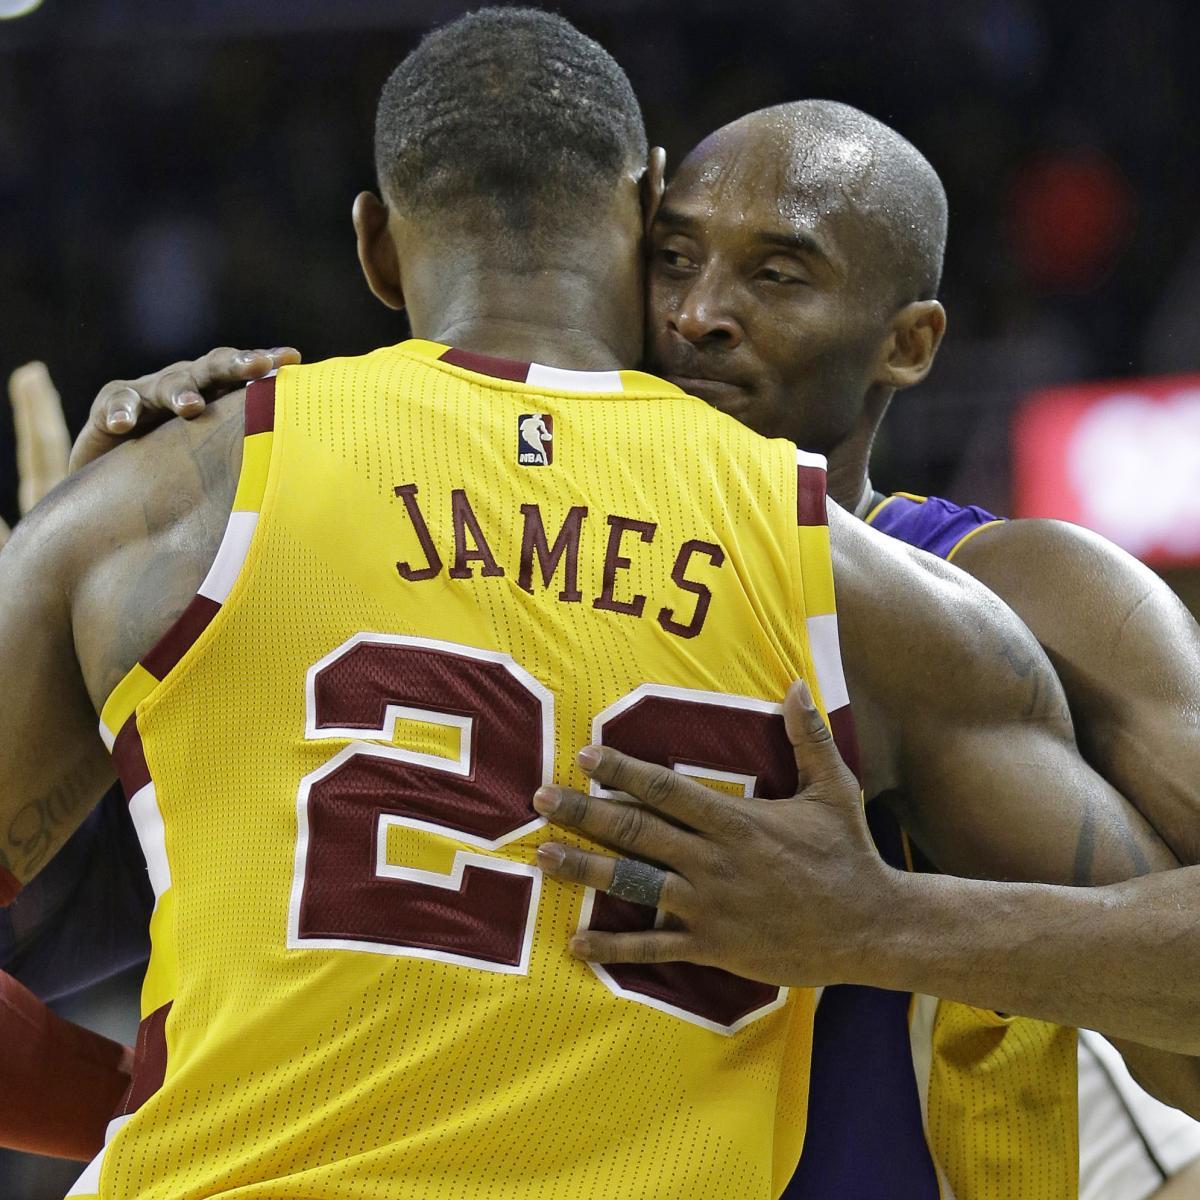 baf83e8993c2 Kobe Bryant  Diehard fans will join LeBron James Joining Lakers ...